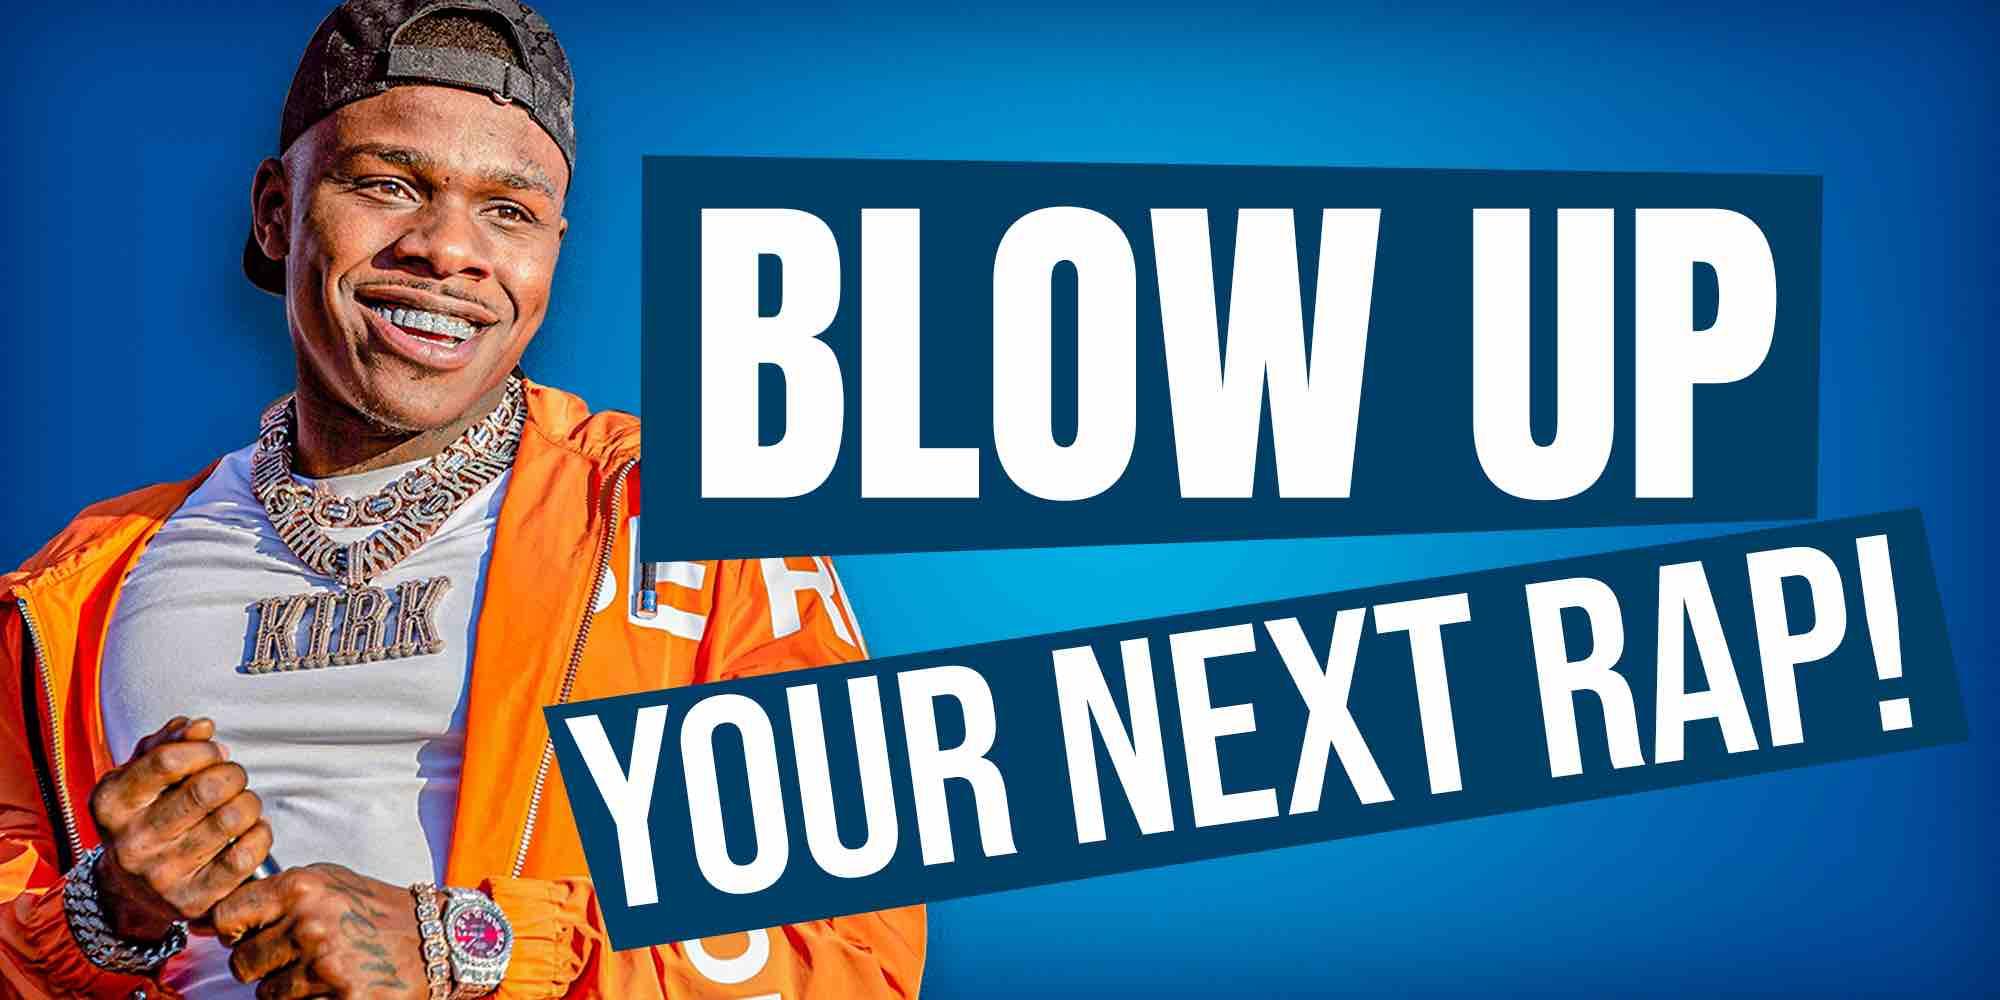 Blow up your next rap